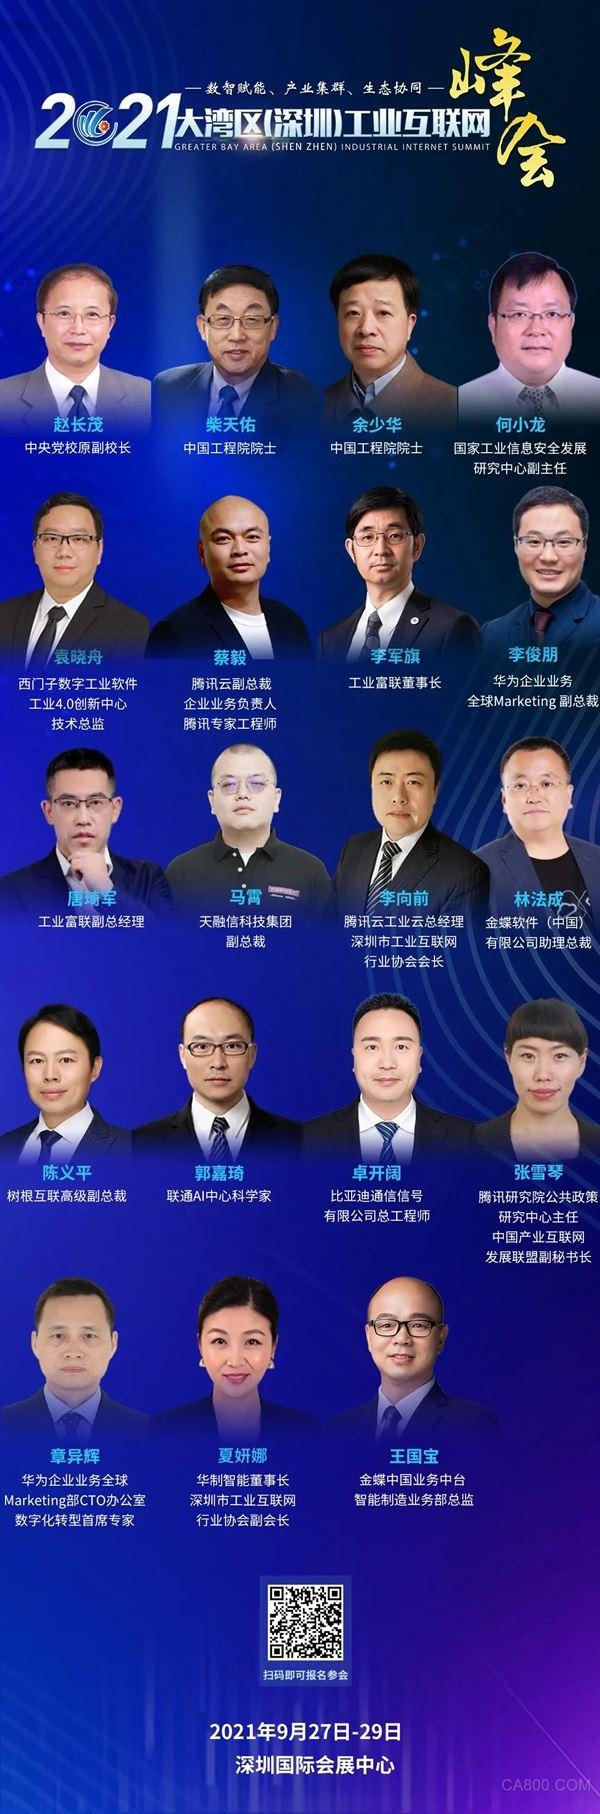 大灣區(深圳)工業互聯網峰會,制造業企業轉型升級